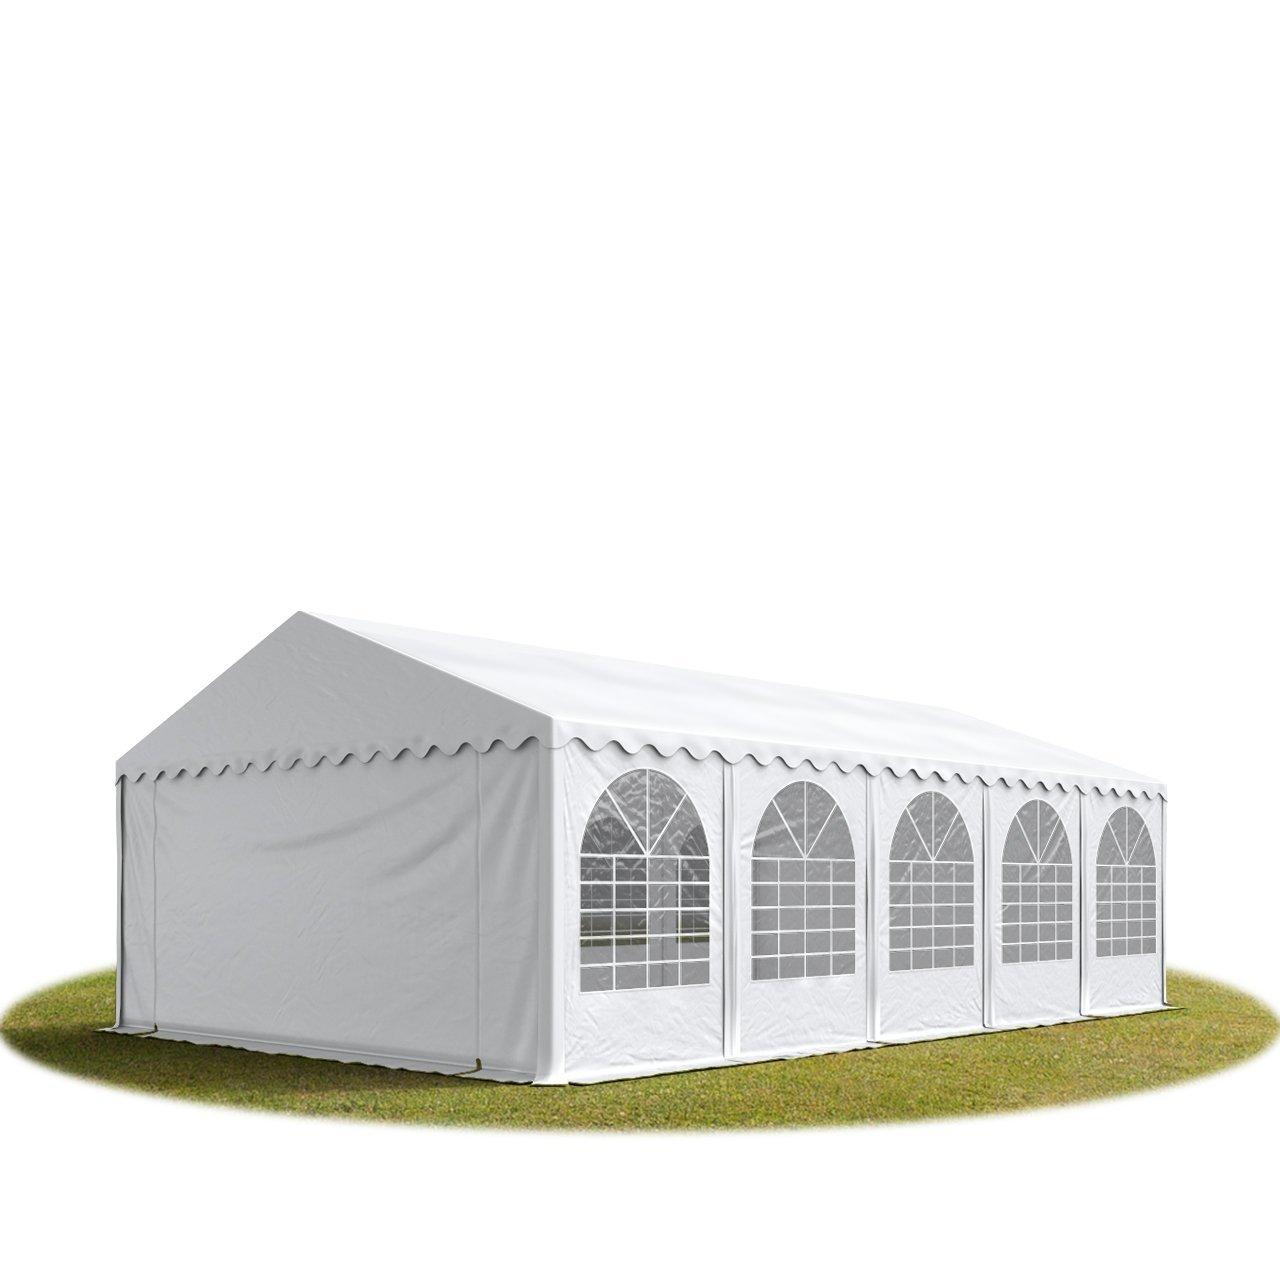 Festzelt XXL Partyzelt 5x10m, hochwertige 550g/m² feuersichere PVC Plane nach DIN in weiß, 100% wasserdicht, vollverzinkte Stahlkonstruktion mit Verbolzung, Seitenhöhe ca. 2,6 m